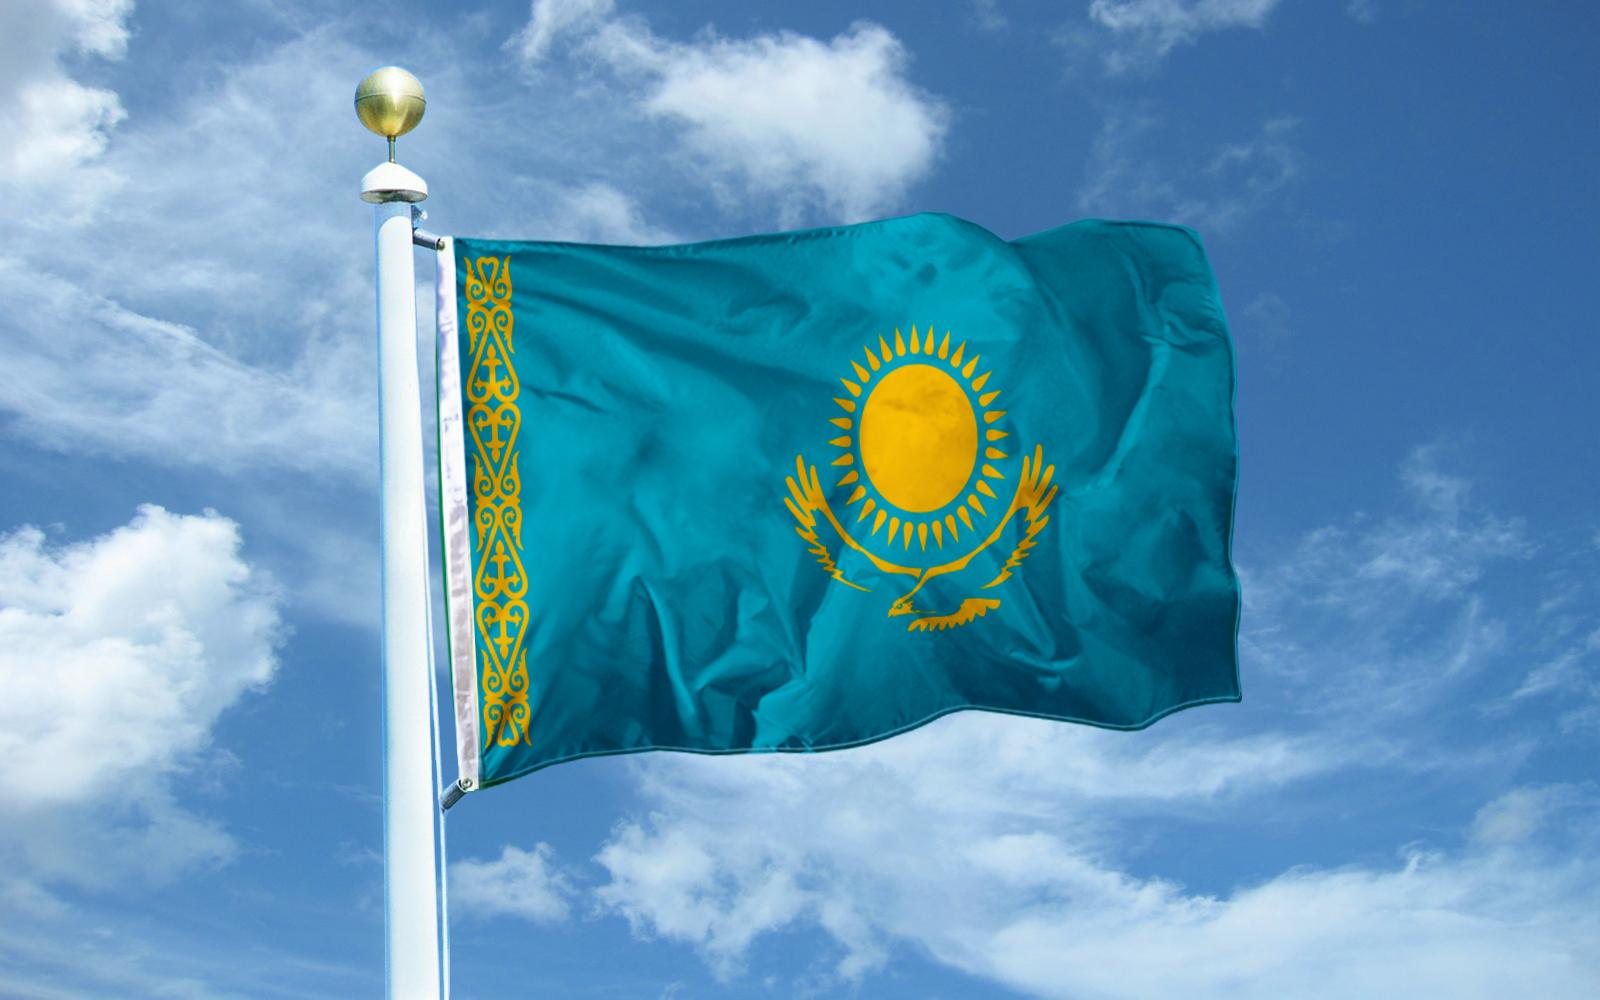 День независимости празднуется в Казахстане